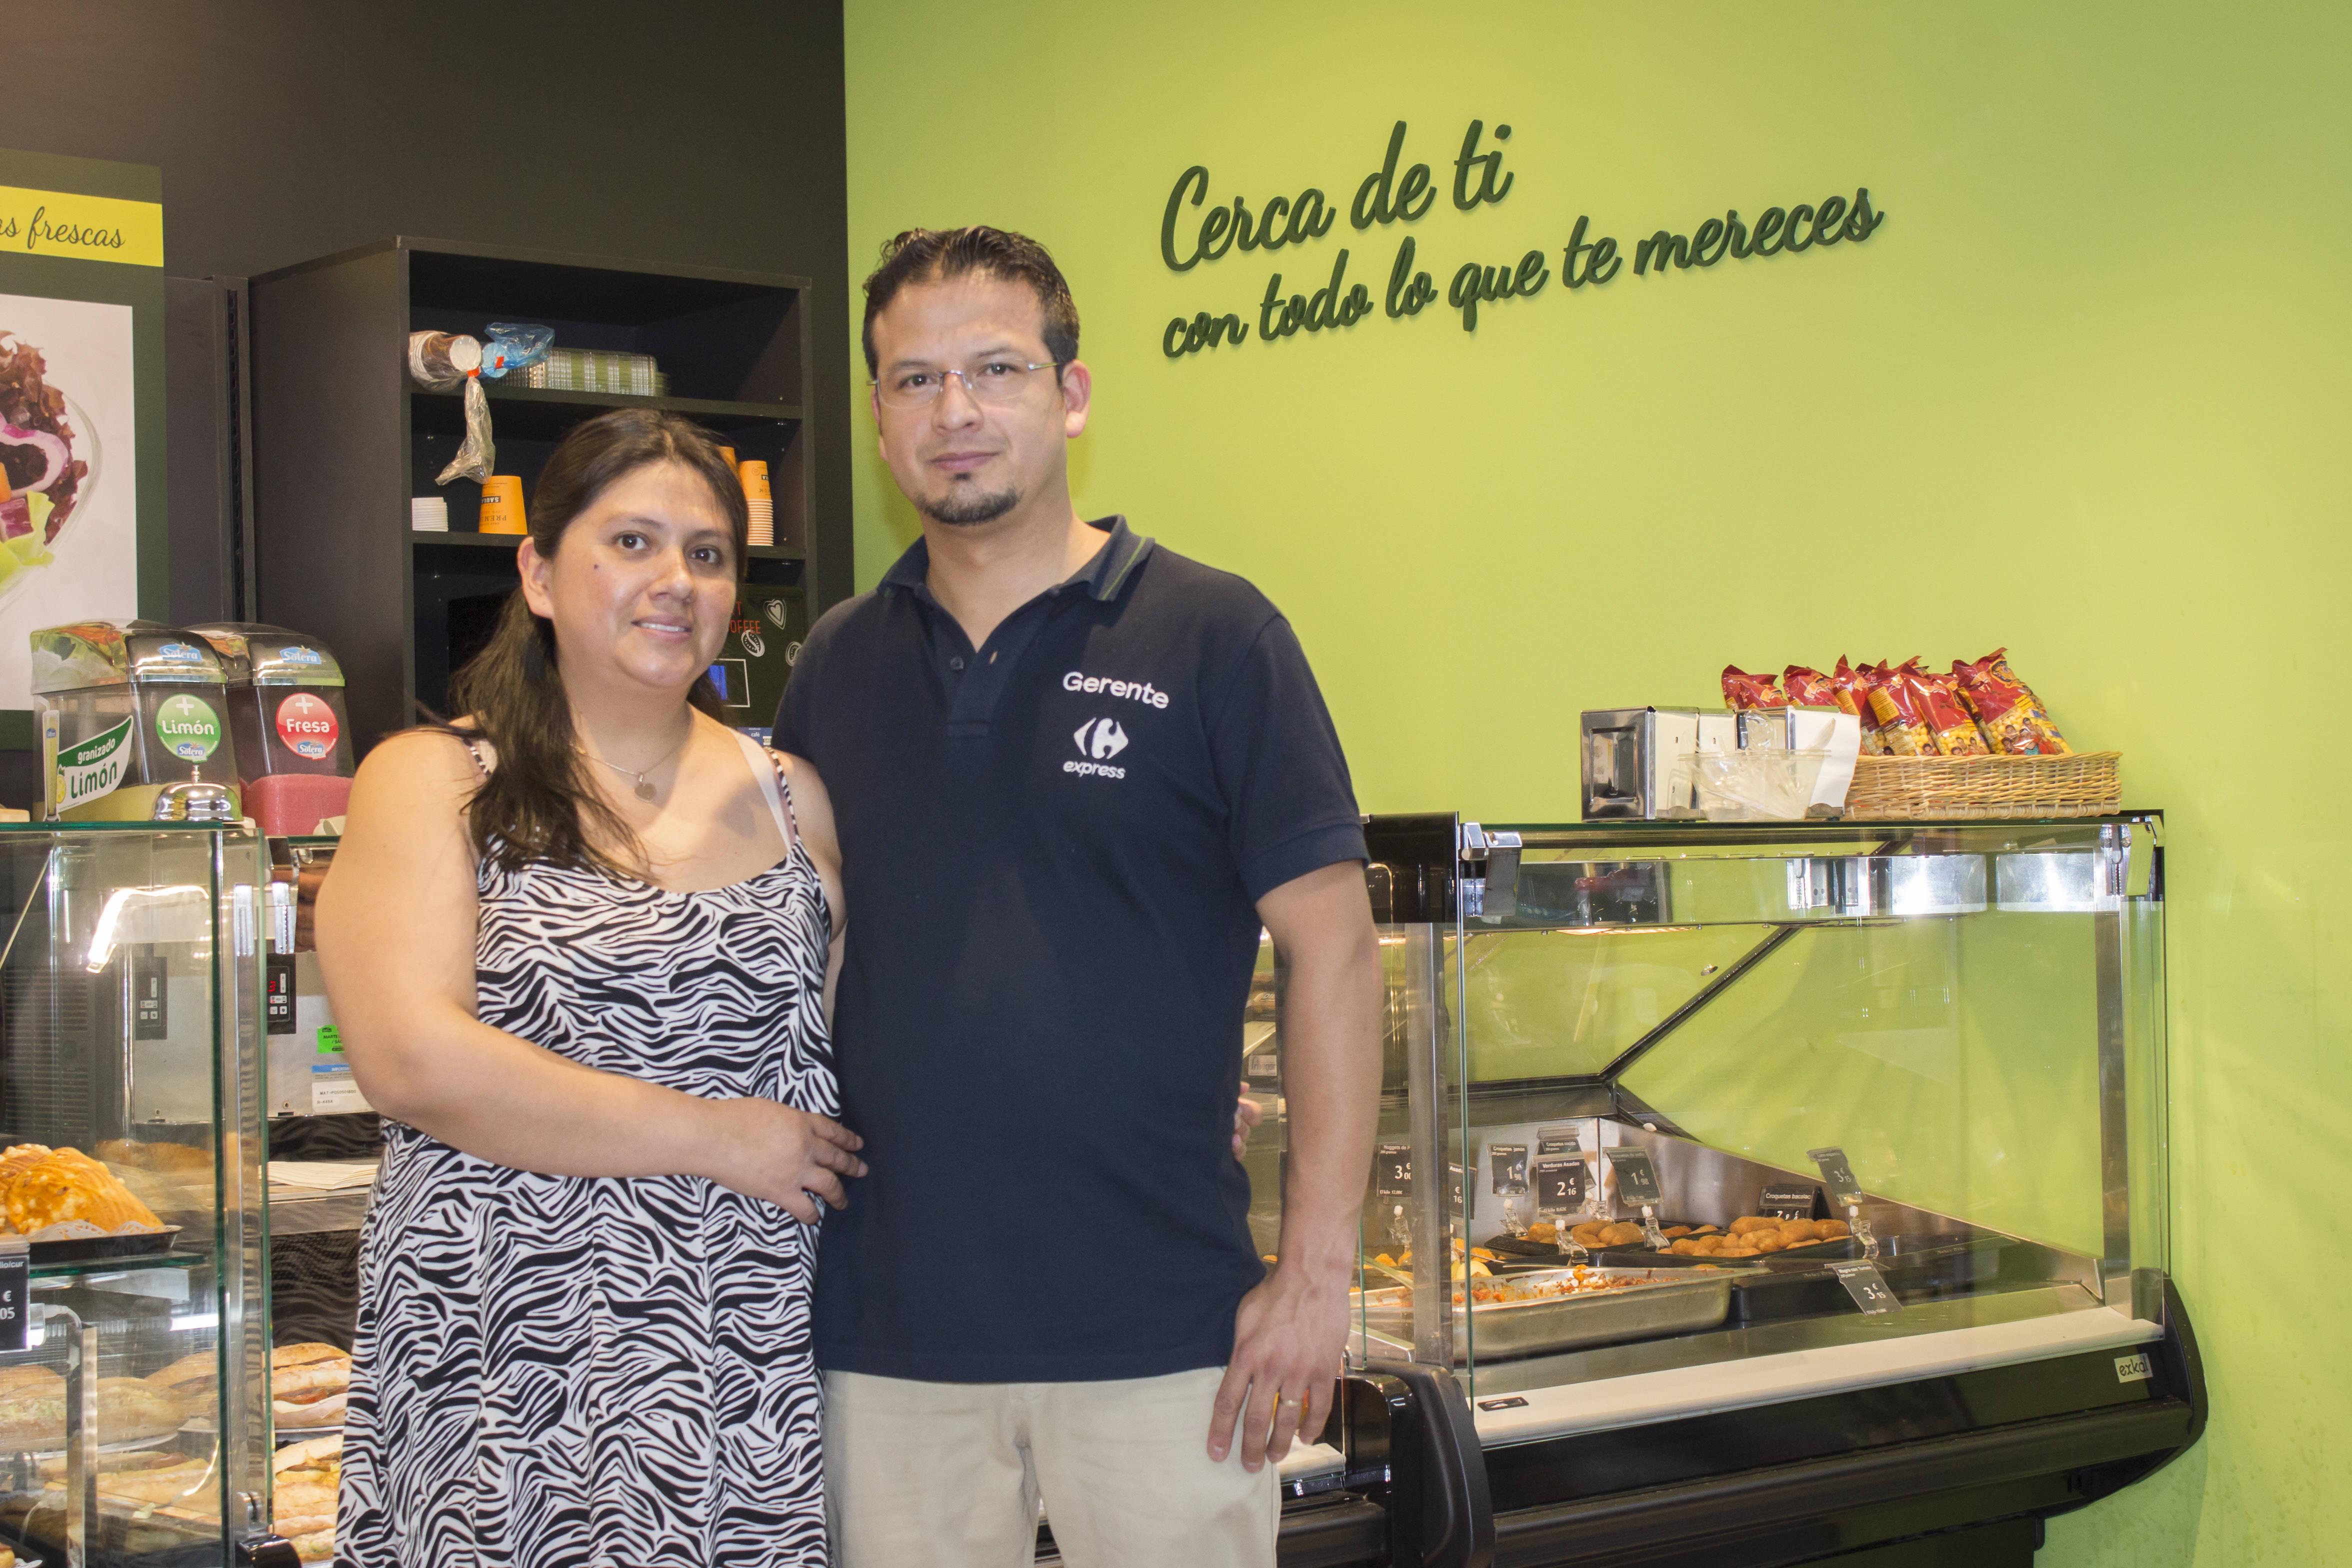 Karina Luzuriaga y Álvaro Jiménez invirtieron 50.000 euros en la adquisición de su primera franquicia.